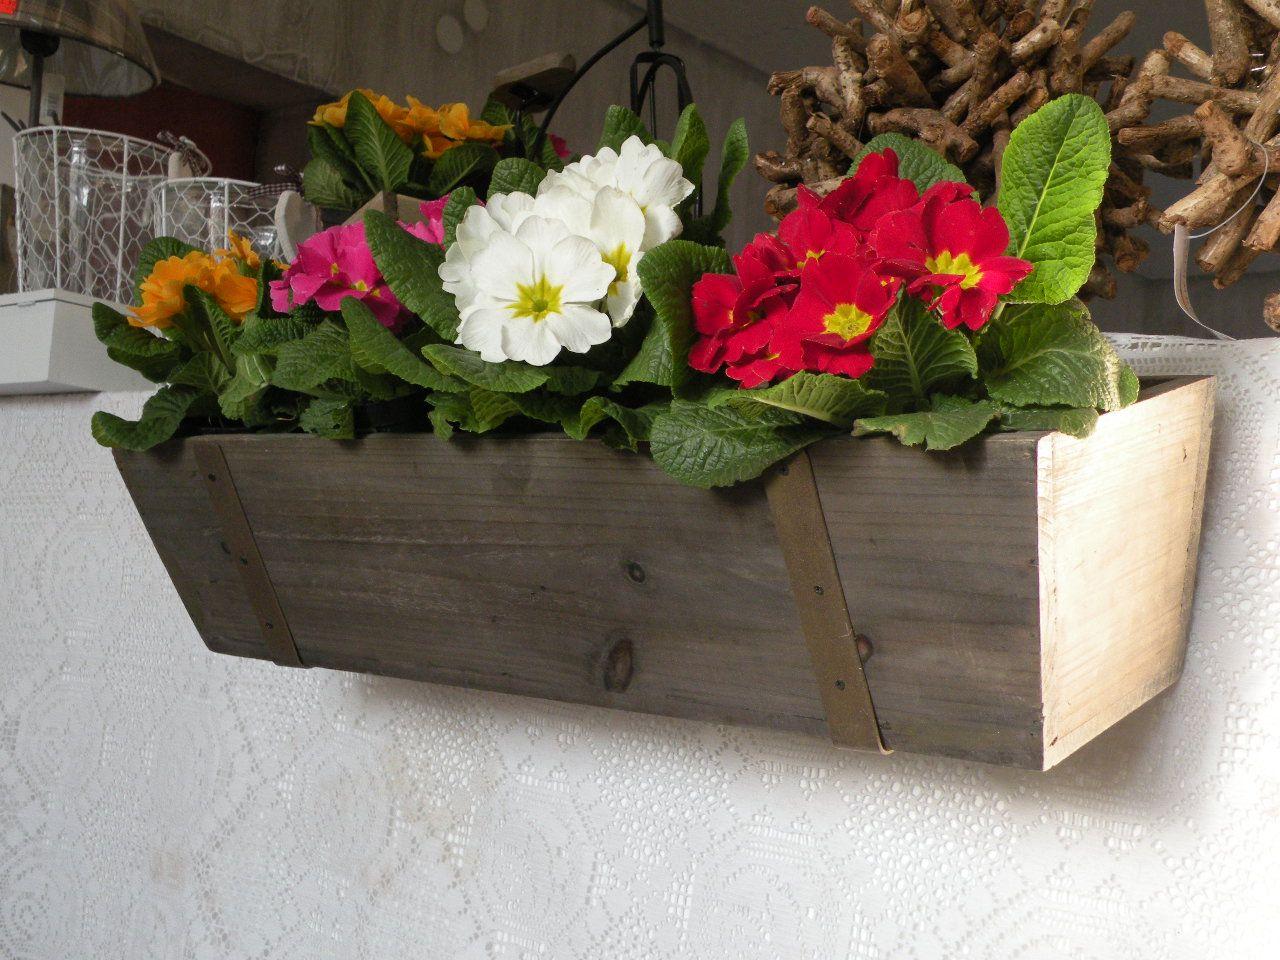 Skrzynka Balkonowa Drewniana Kwiaty Retro 3198842182 Planter Pots Planters Plants